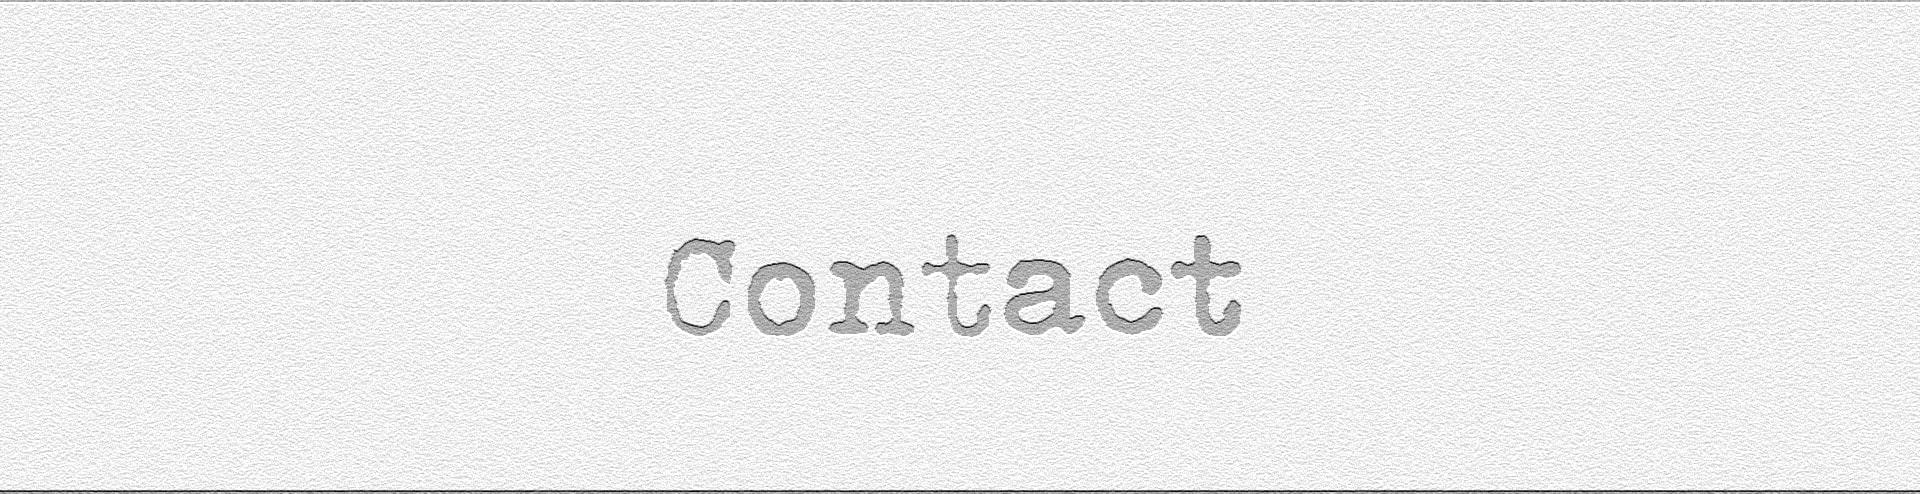 Cartel de contacto en ingles